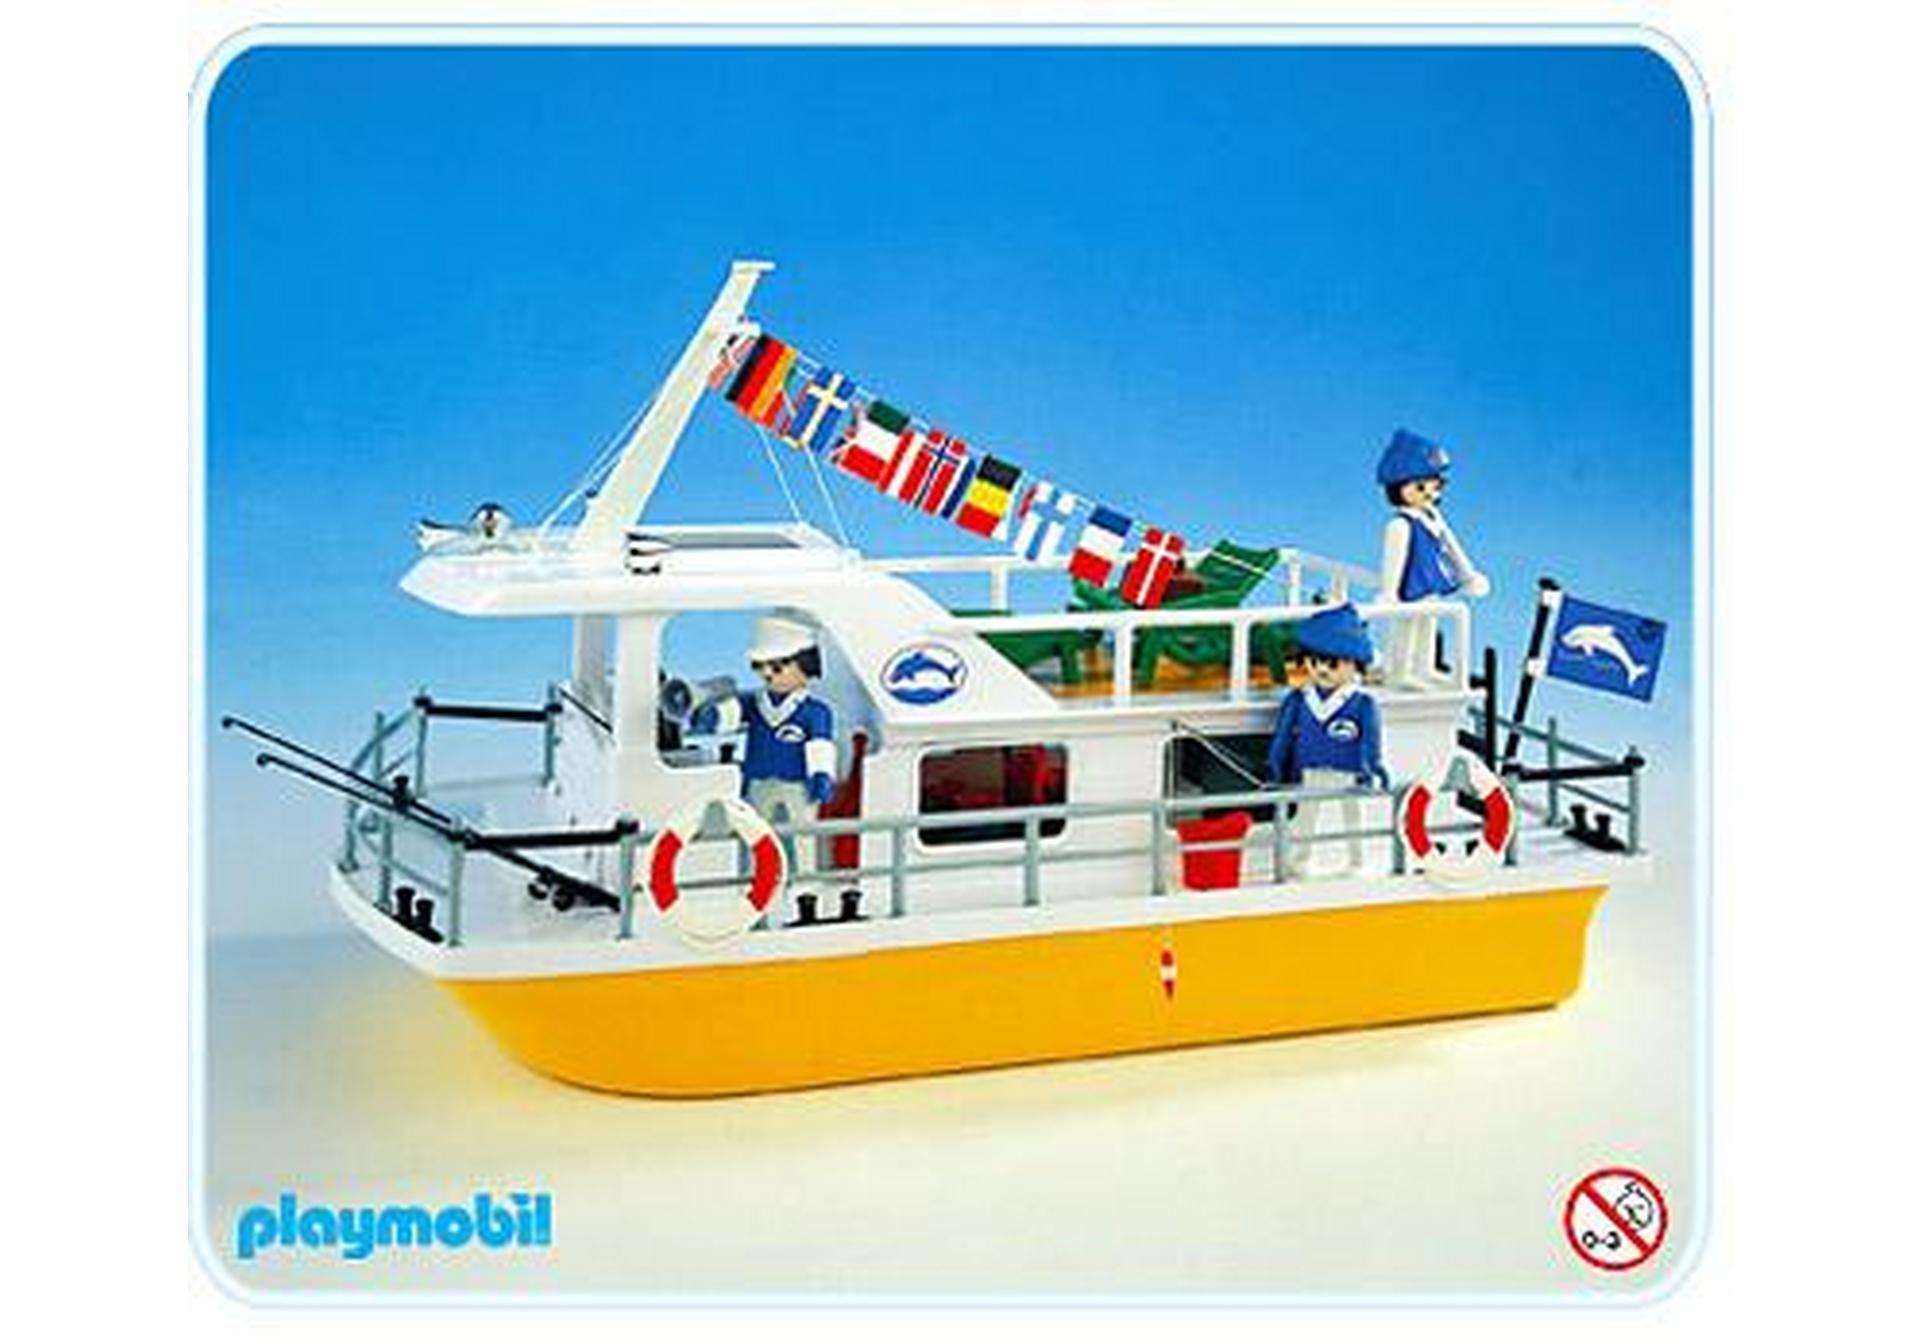 Hausboot 3540 a playmobil schweiz for Jugendzimmer playmobil